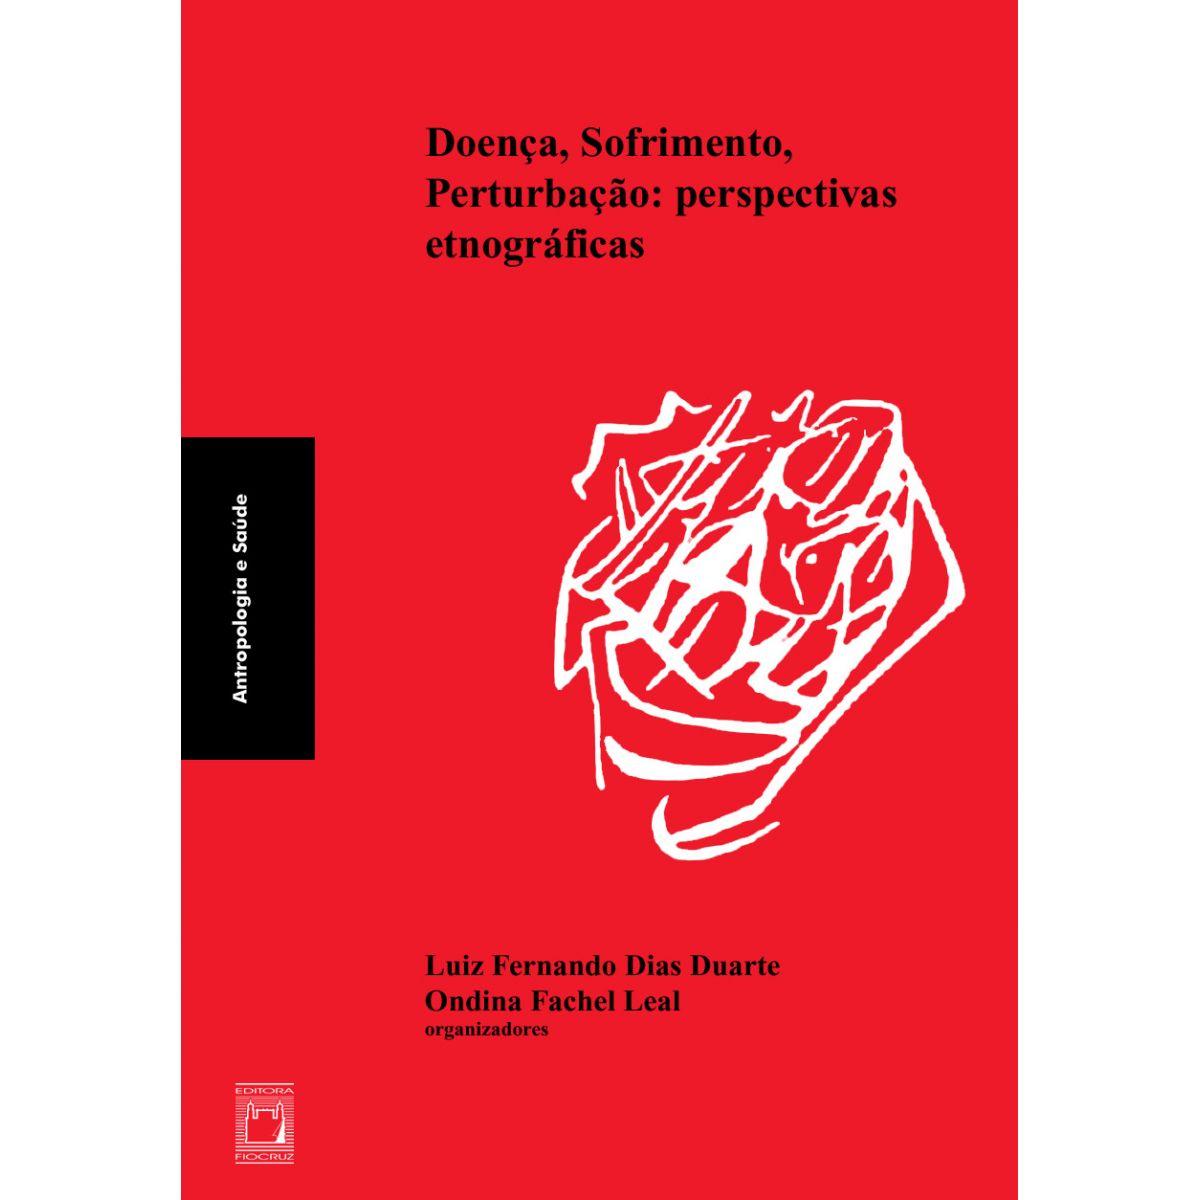 Doença, Sofrimento, Perturbação: perspectivas etnográficas  - Livraria Virtual da Editora Fiocruz